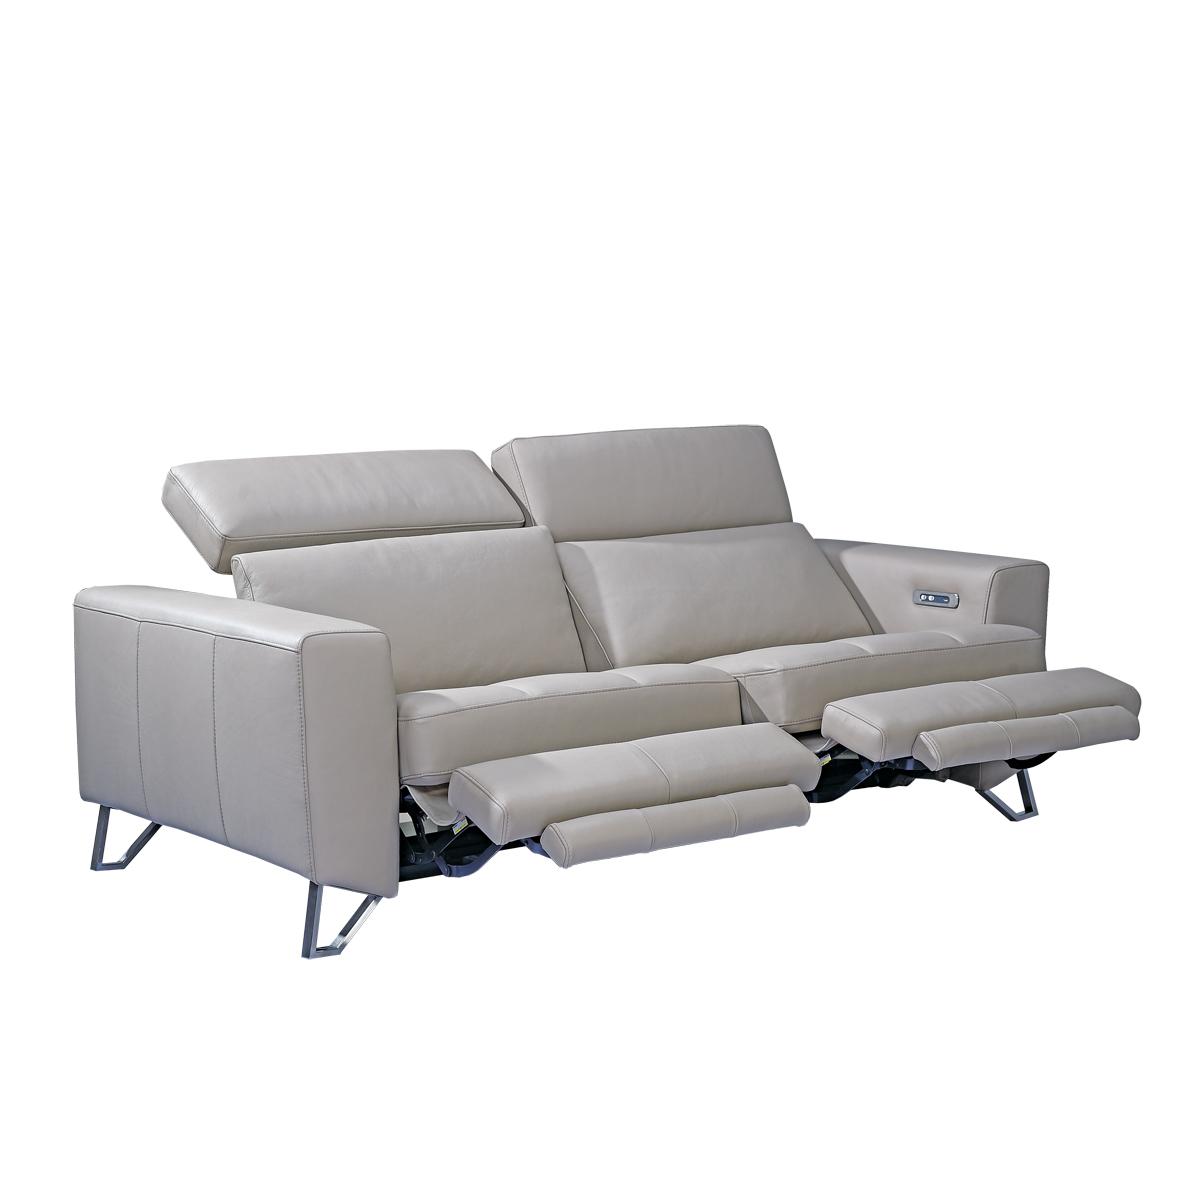 Recliner Sofa Deals 28 Images Sofa Amusing Recliner Sofa Deals Leather Sofa Recliner Sofa